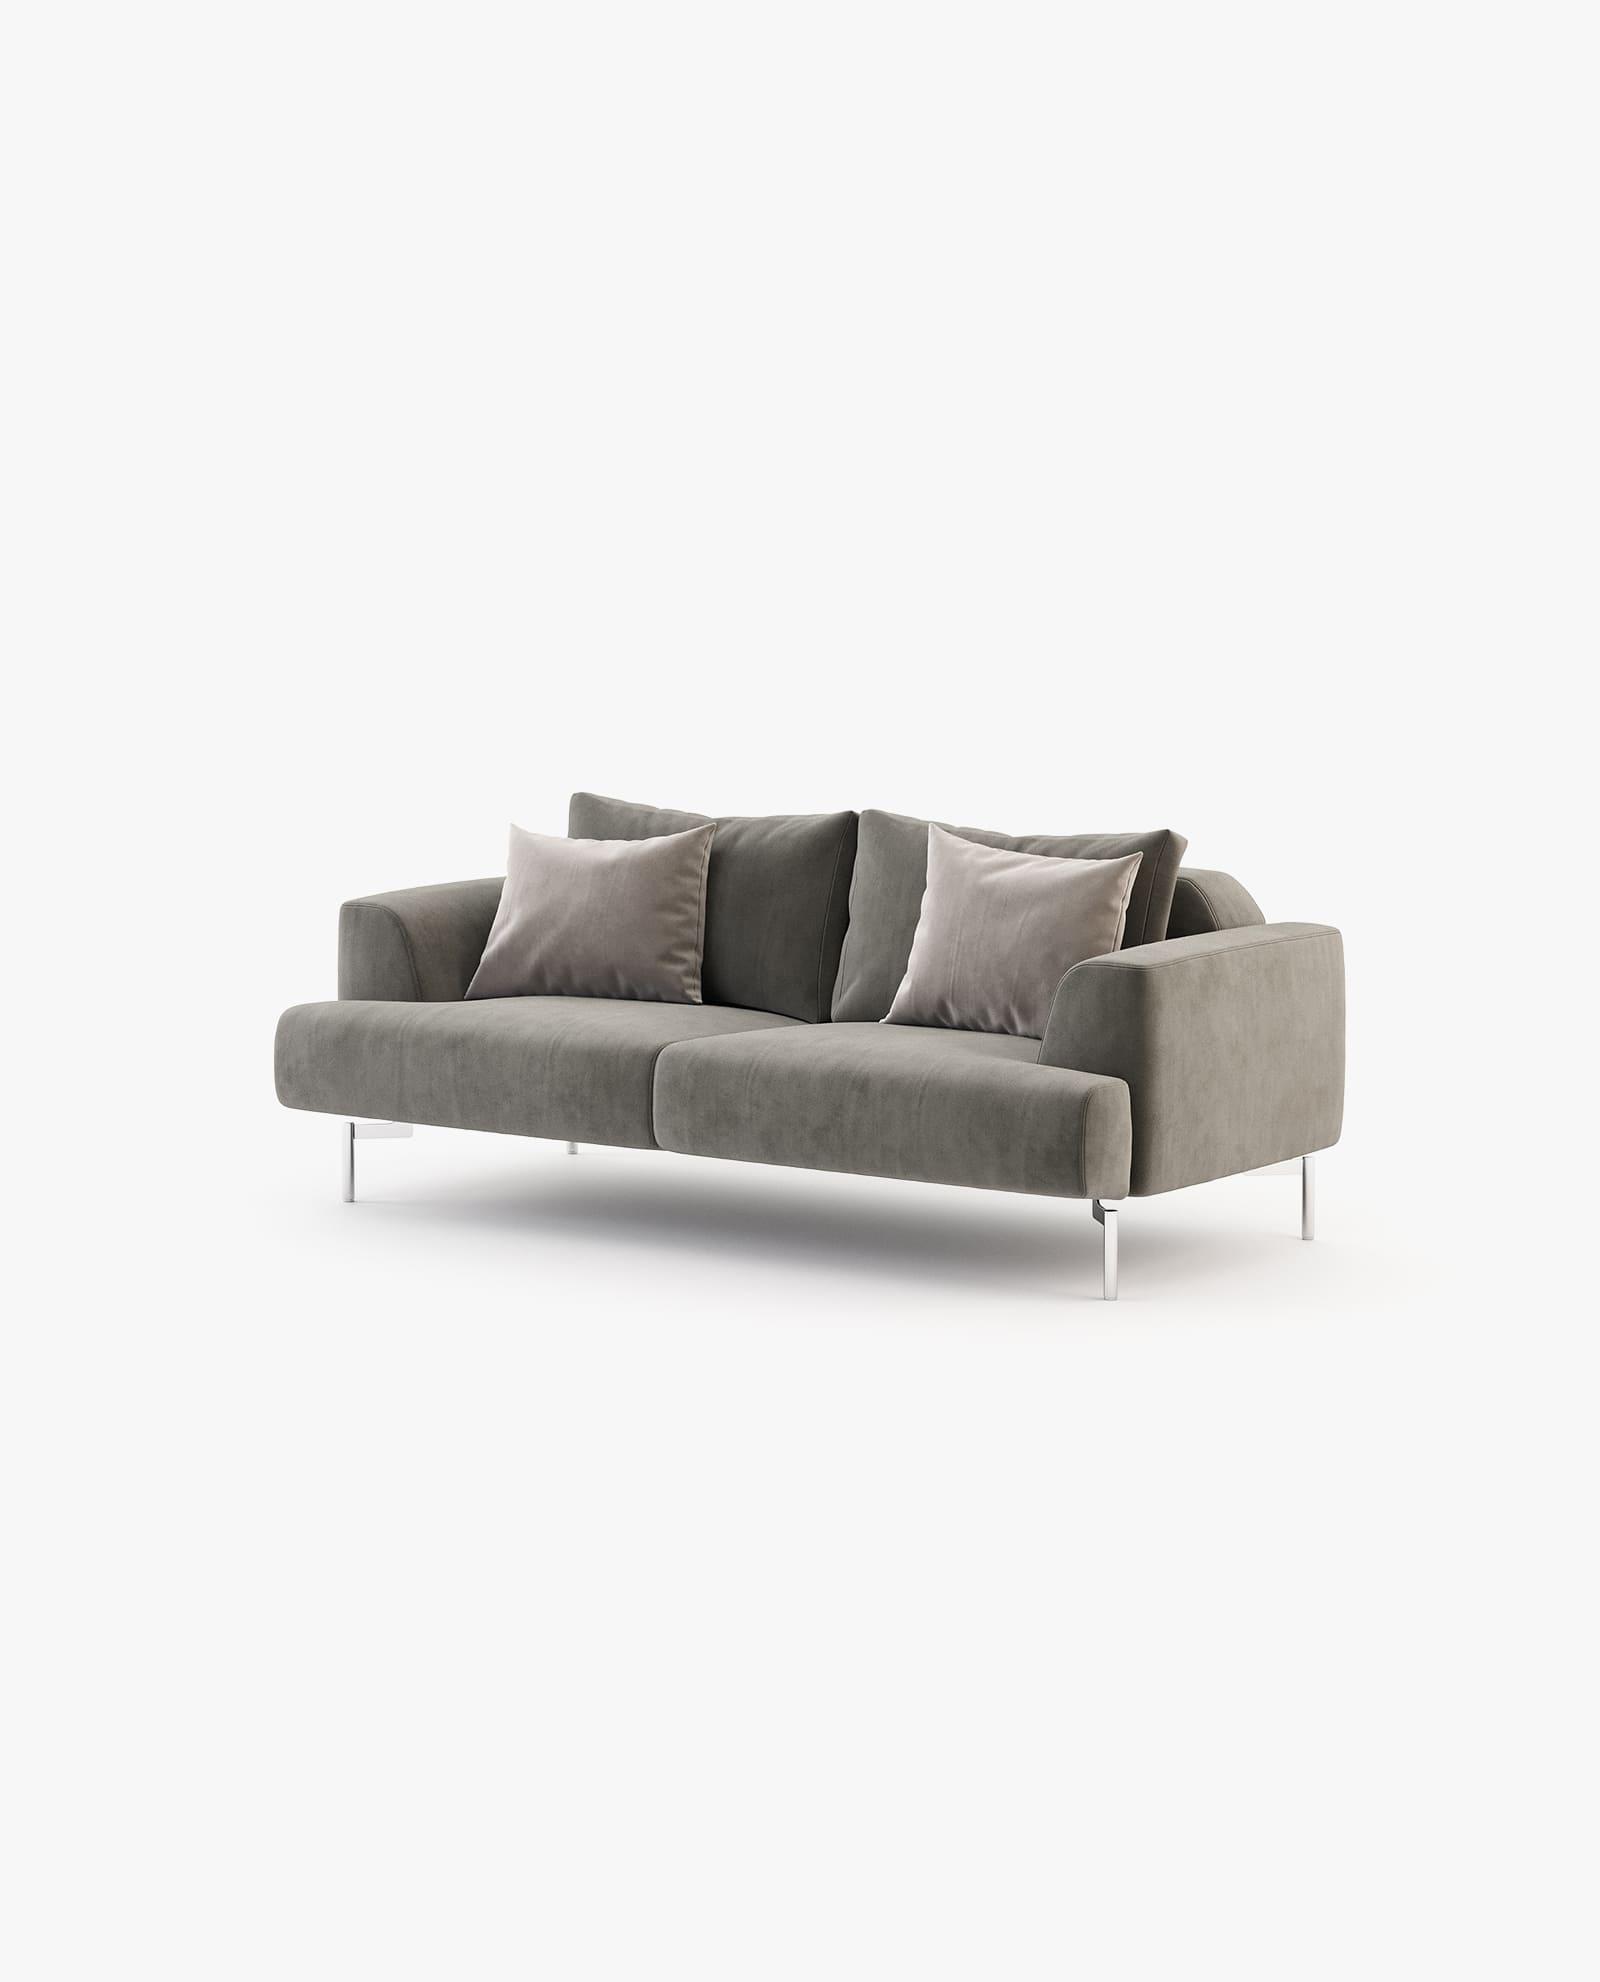 sofá em veludo castanho